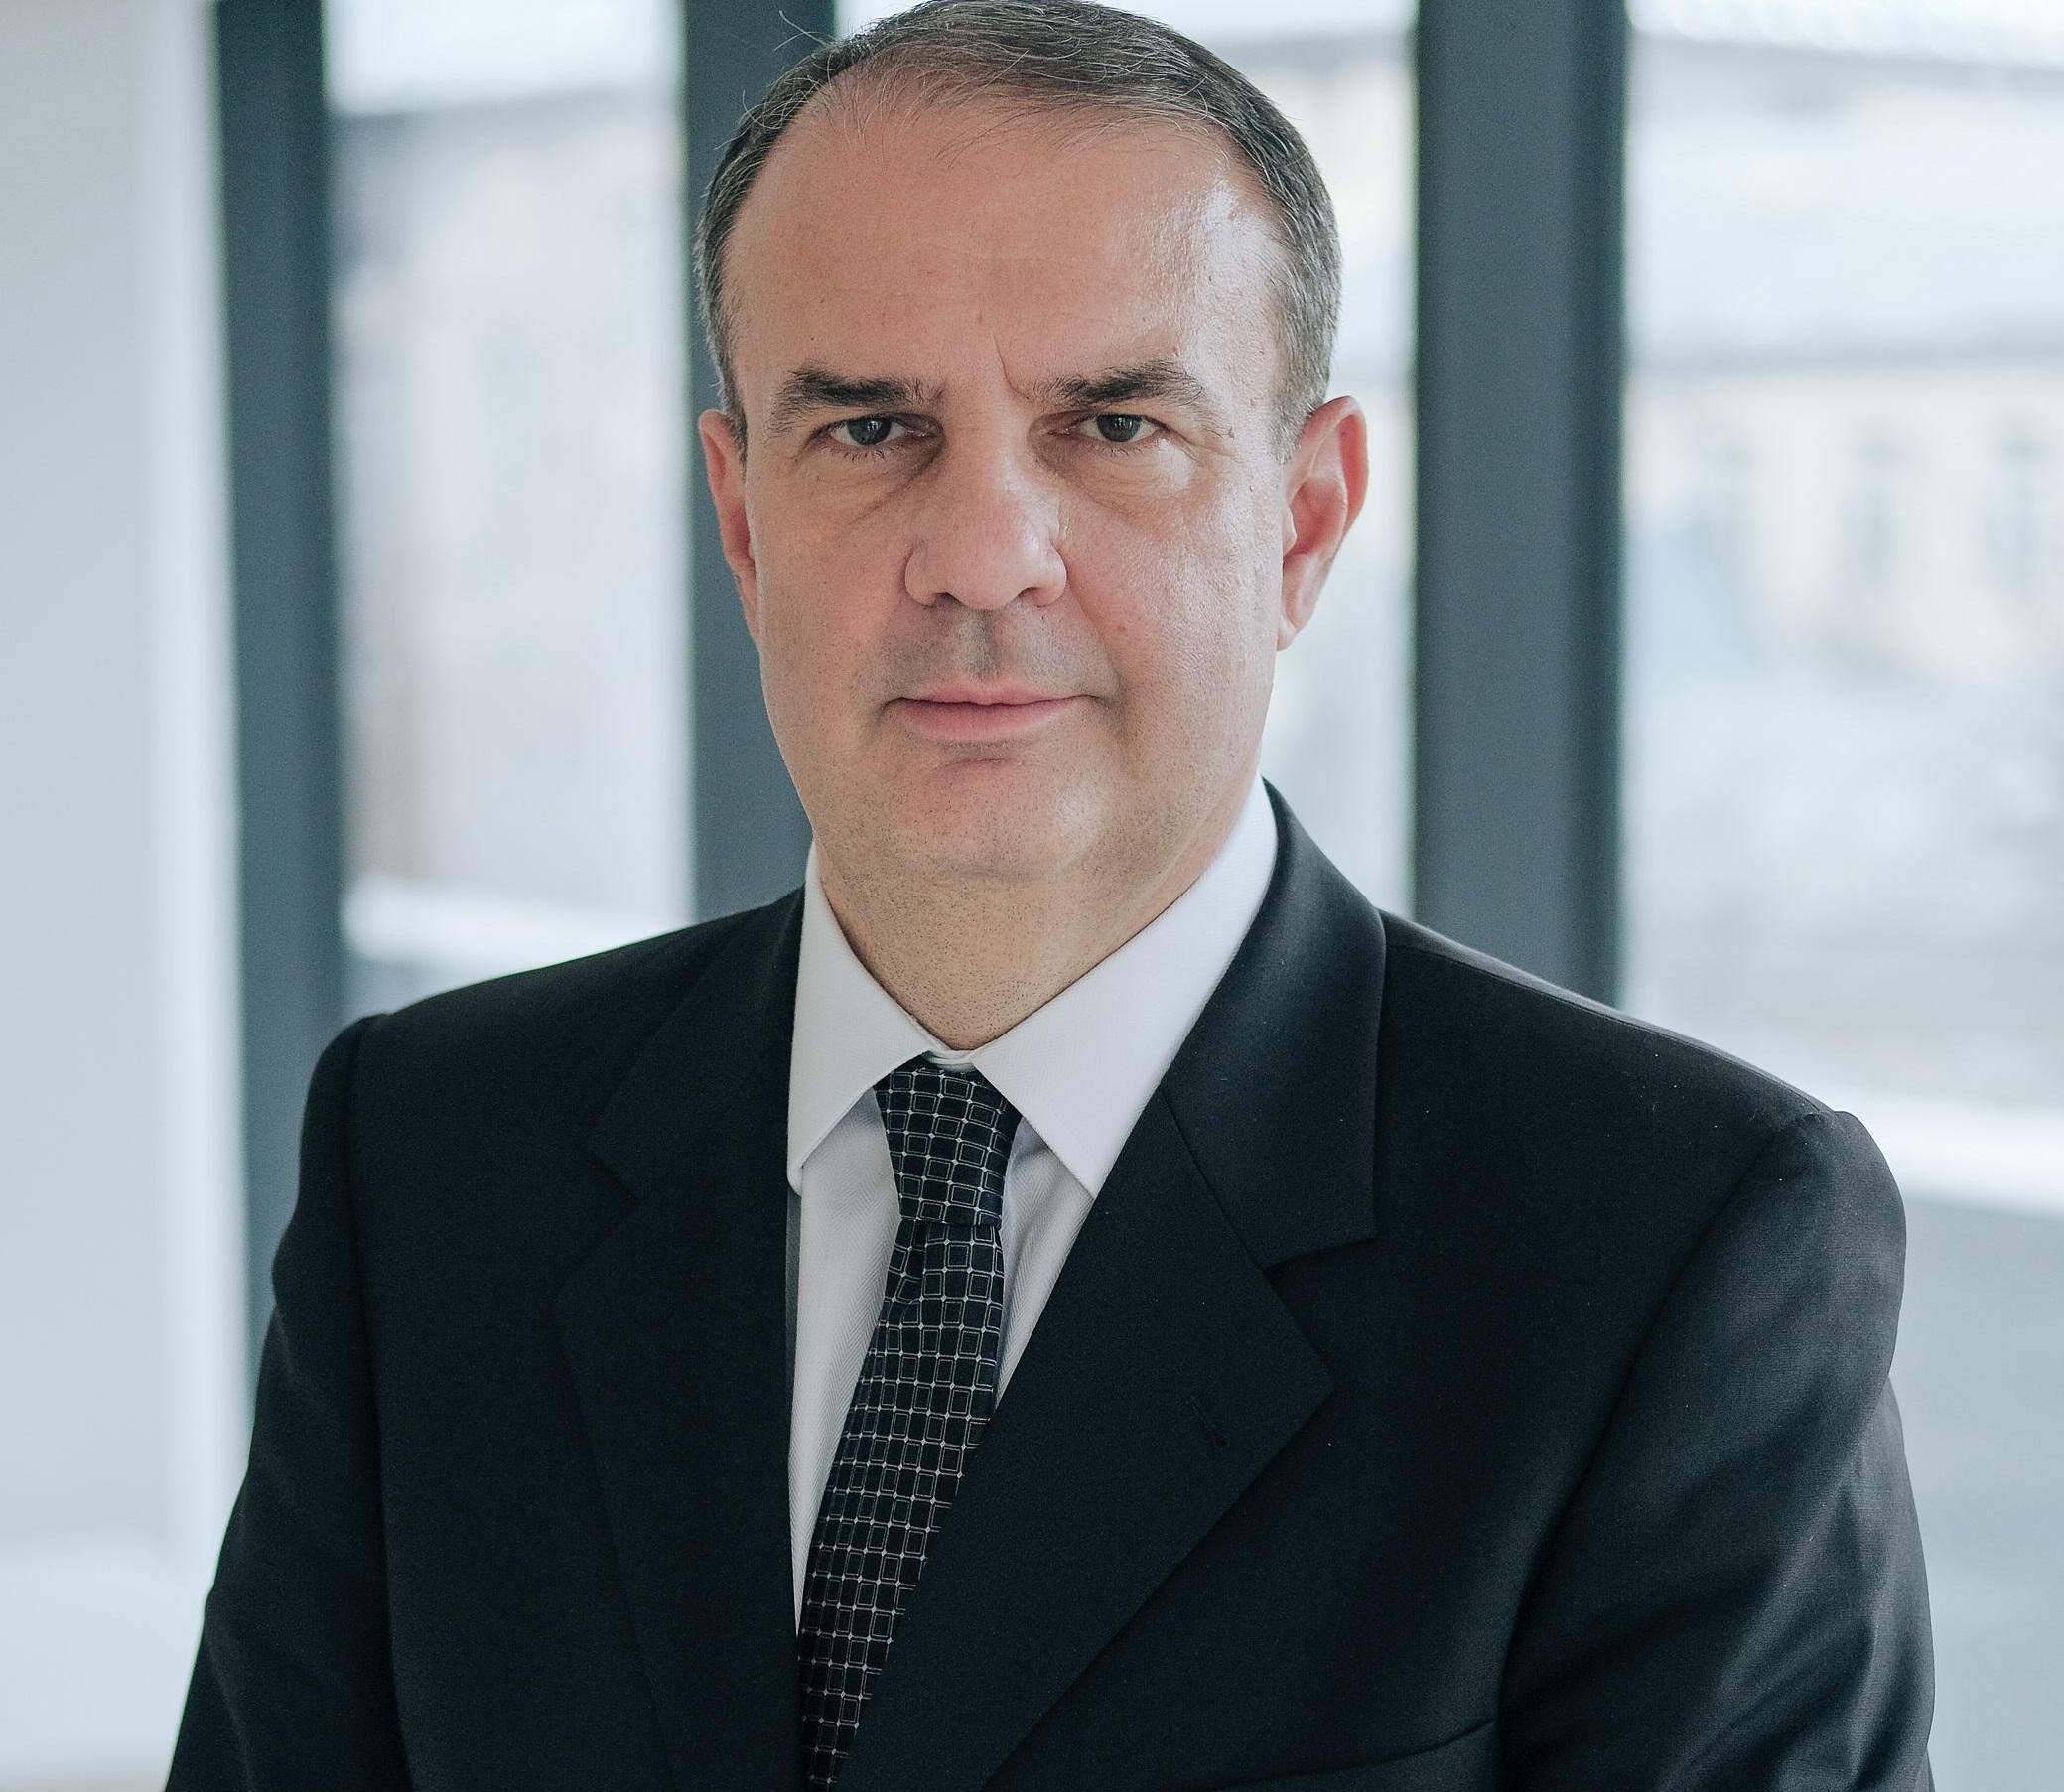 Deloitte Romania il numeste pe Vladimir Aninoiu in rolul de director care conduce echipa de tehnologie din cadrul practicii de Consultanta in management